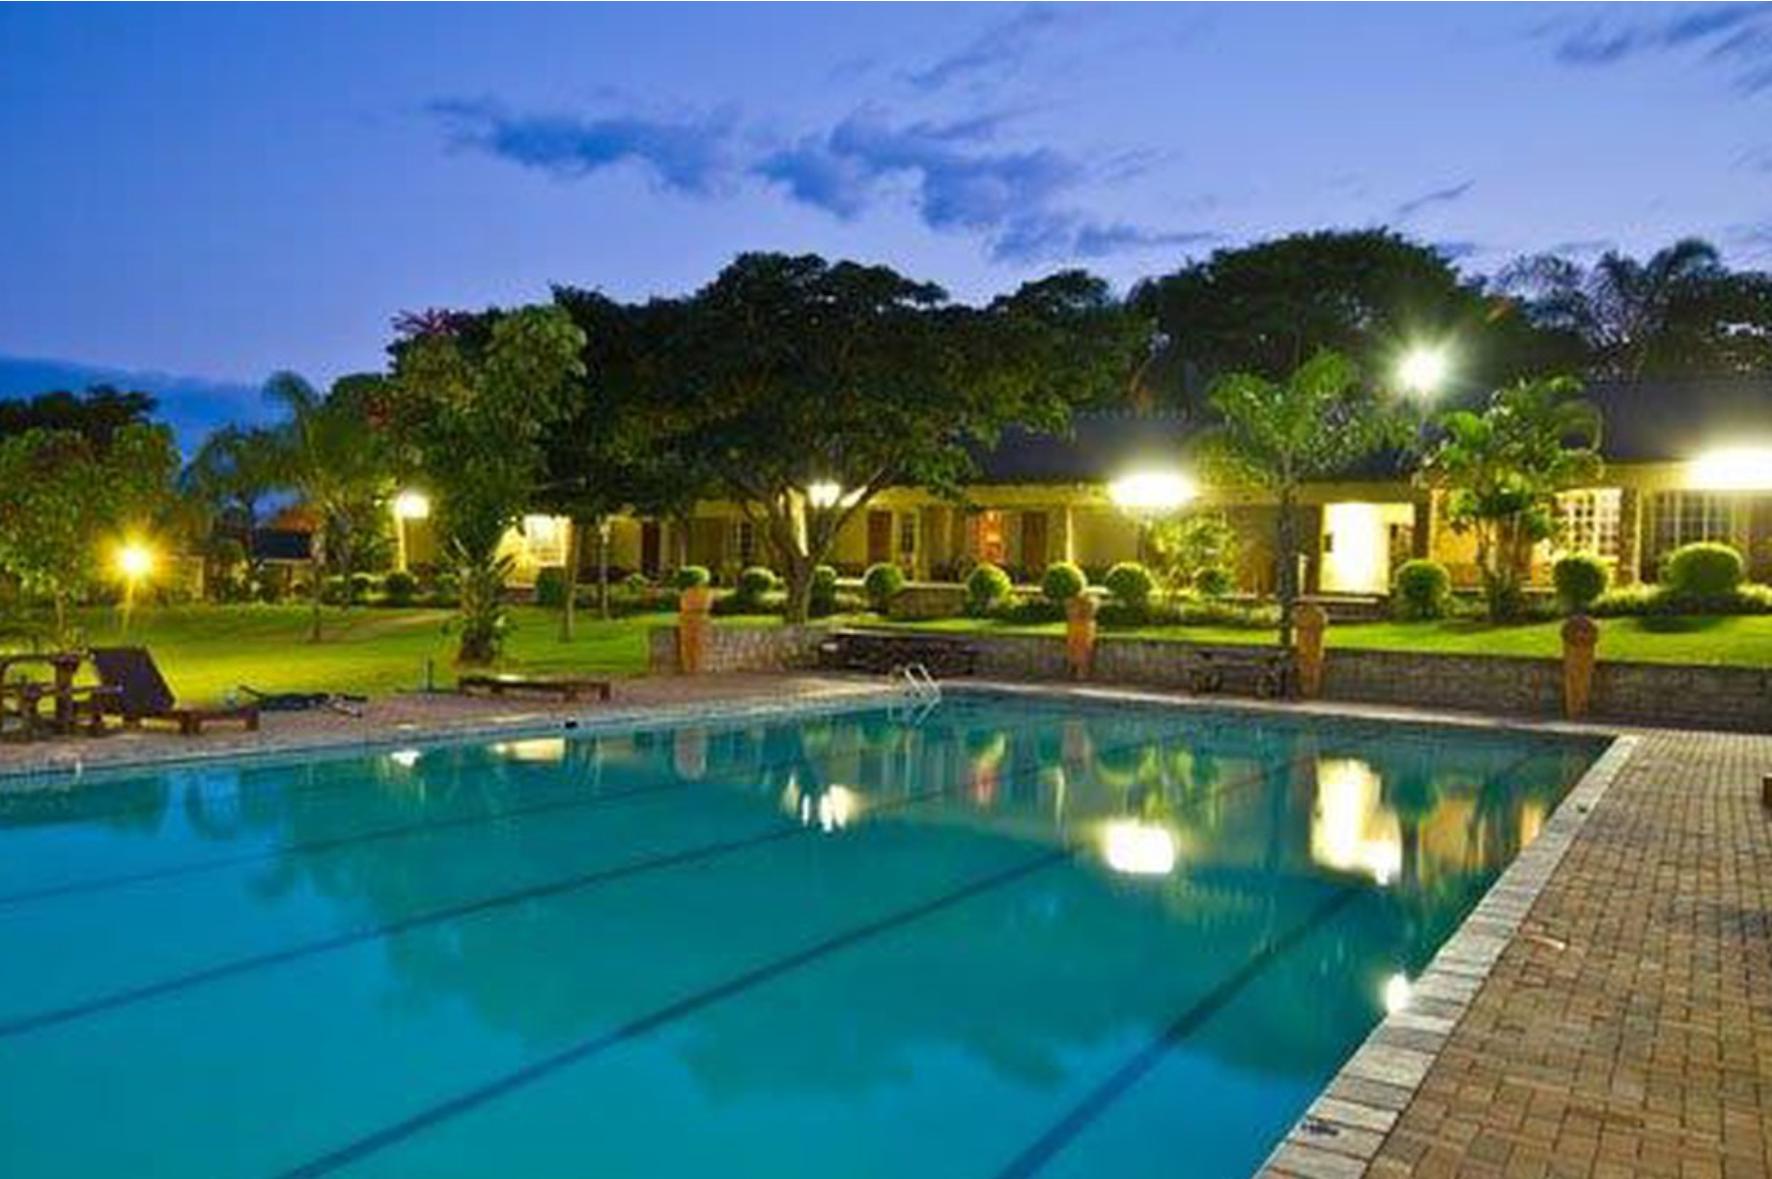 Ingwenyama pool